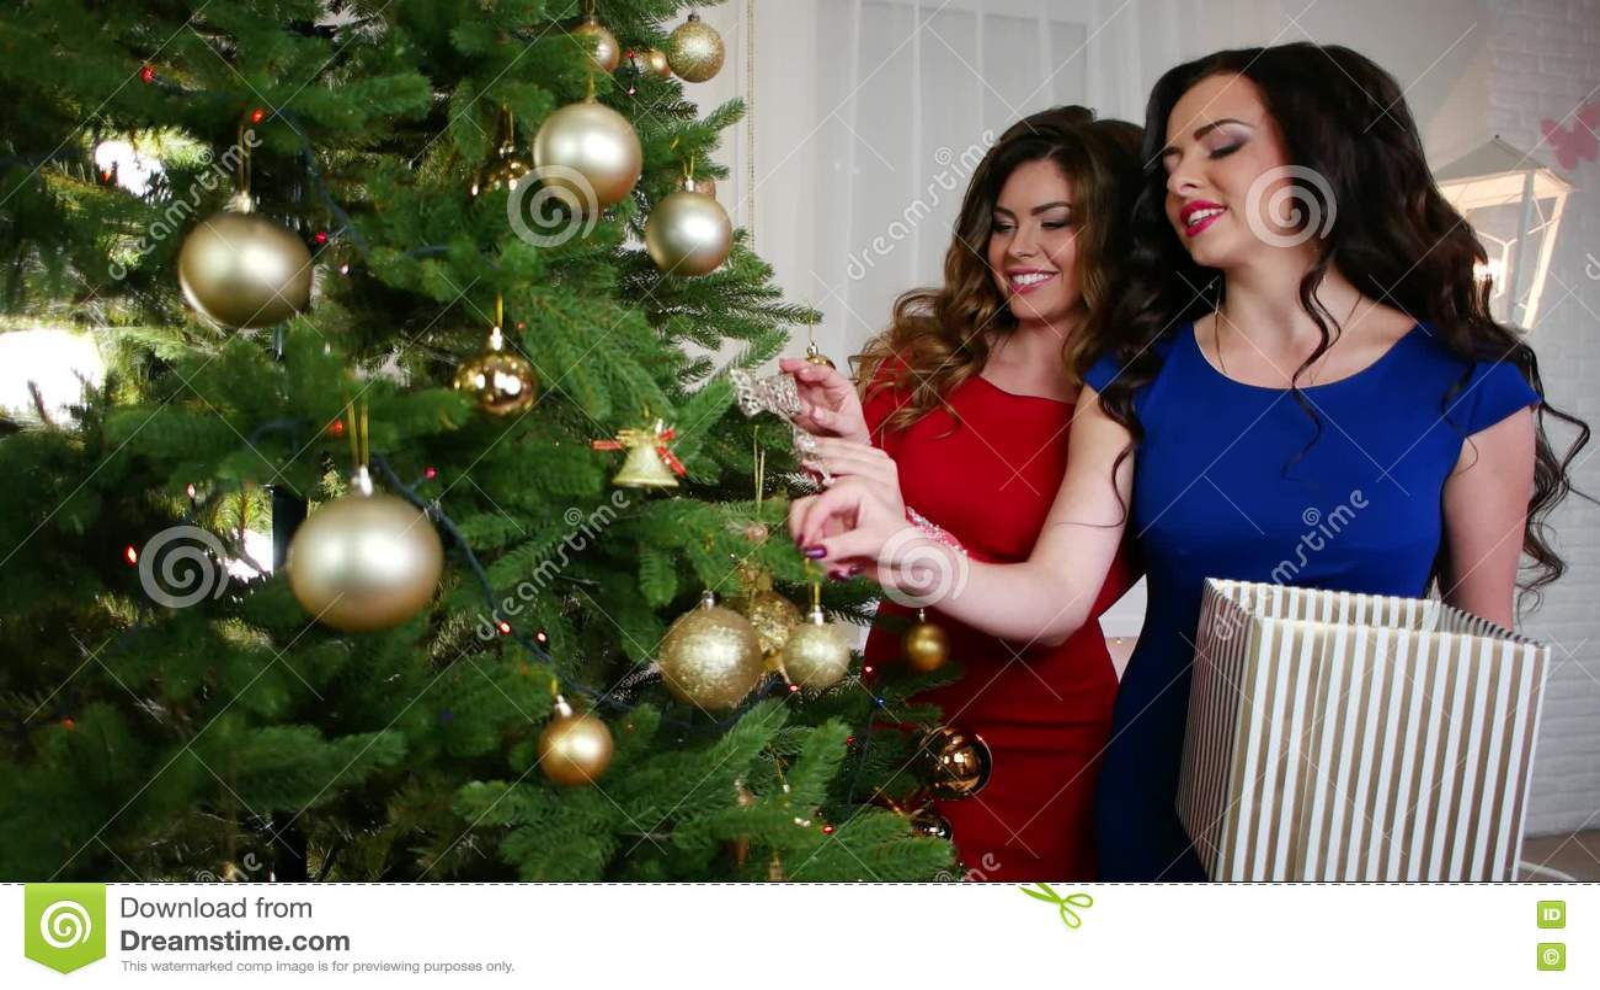 Il Natale Le Belle Amiche Sta Preparando Per La Festa Decora L